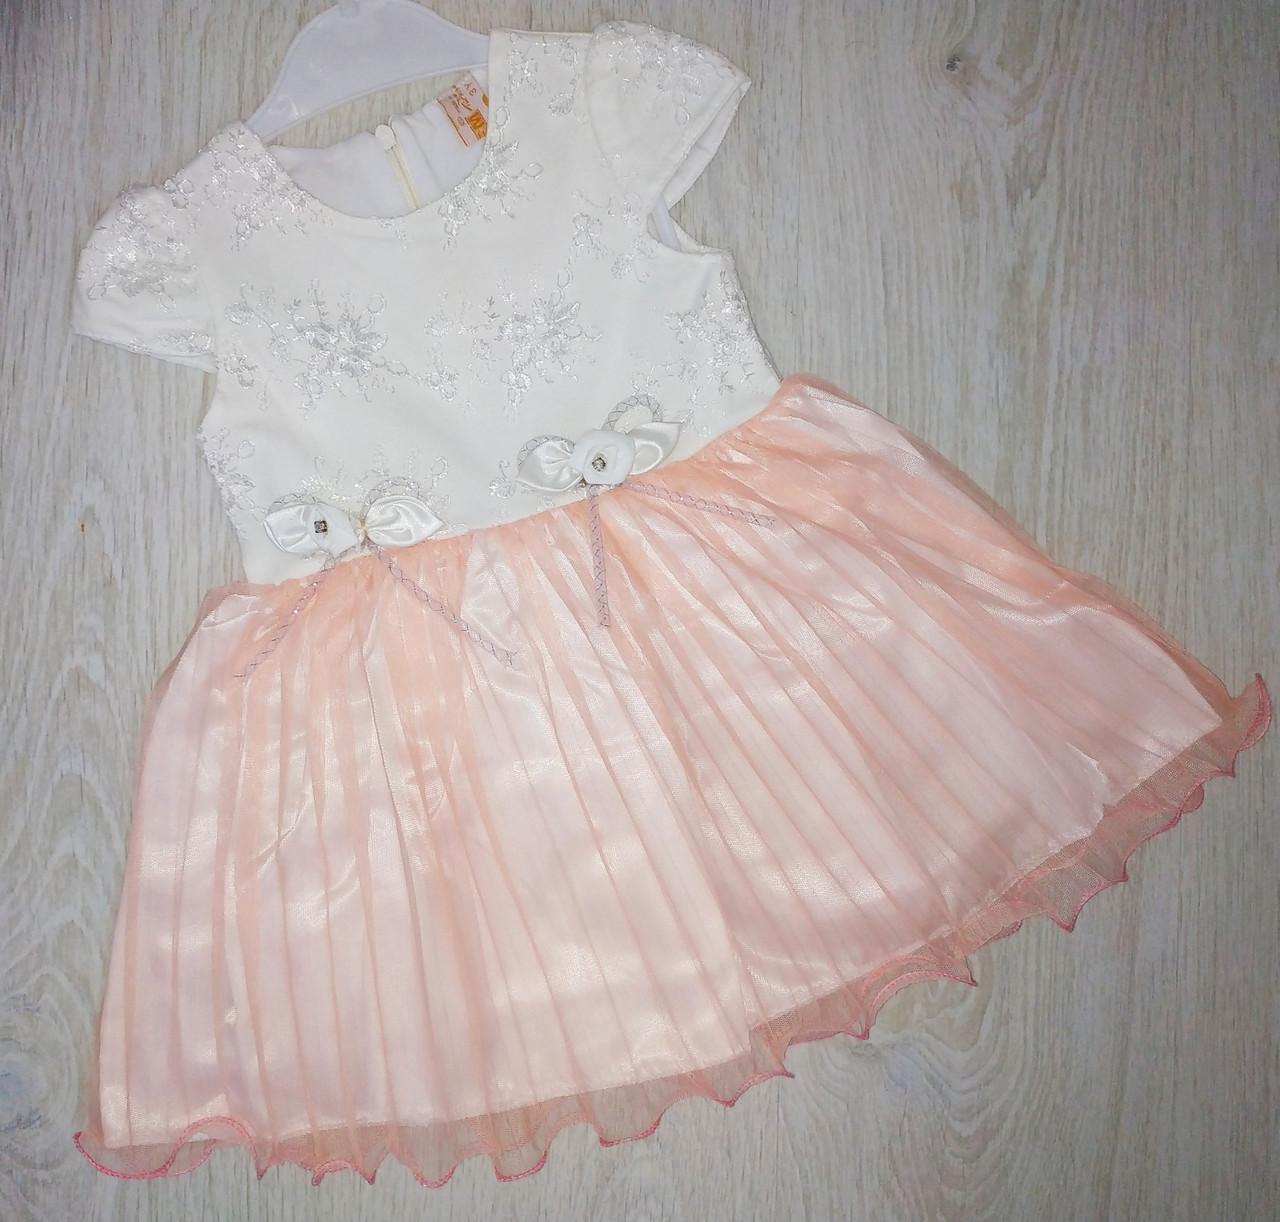 Платье для девочки, Турция, Babexi, арт. 7566, 86-98 см